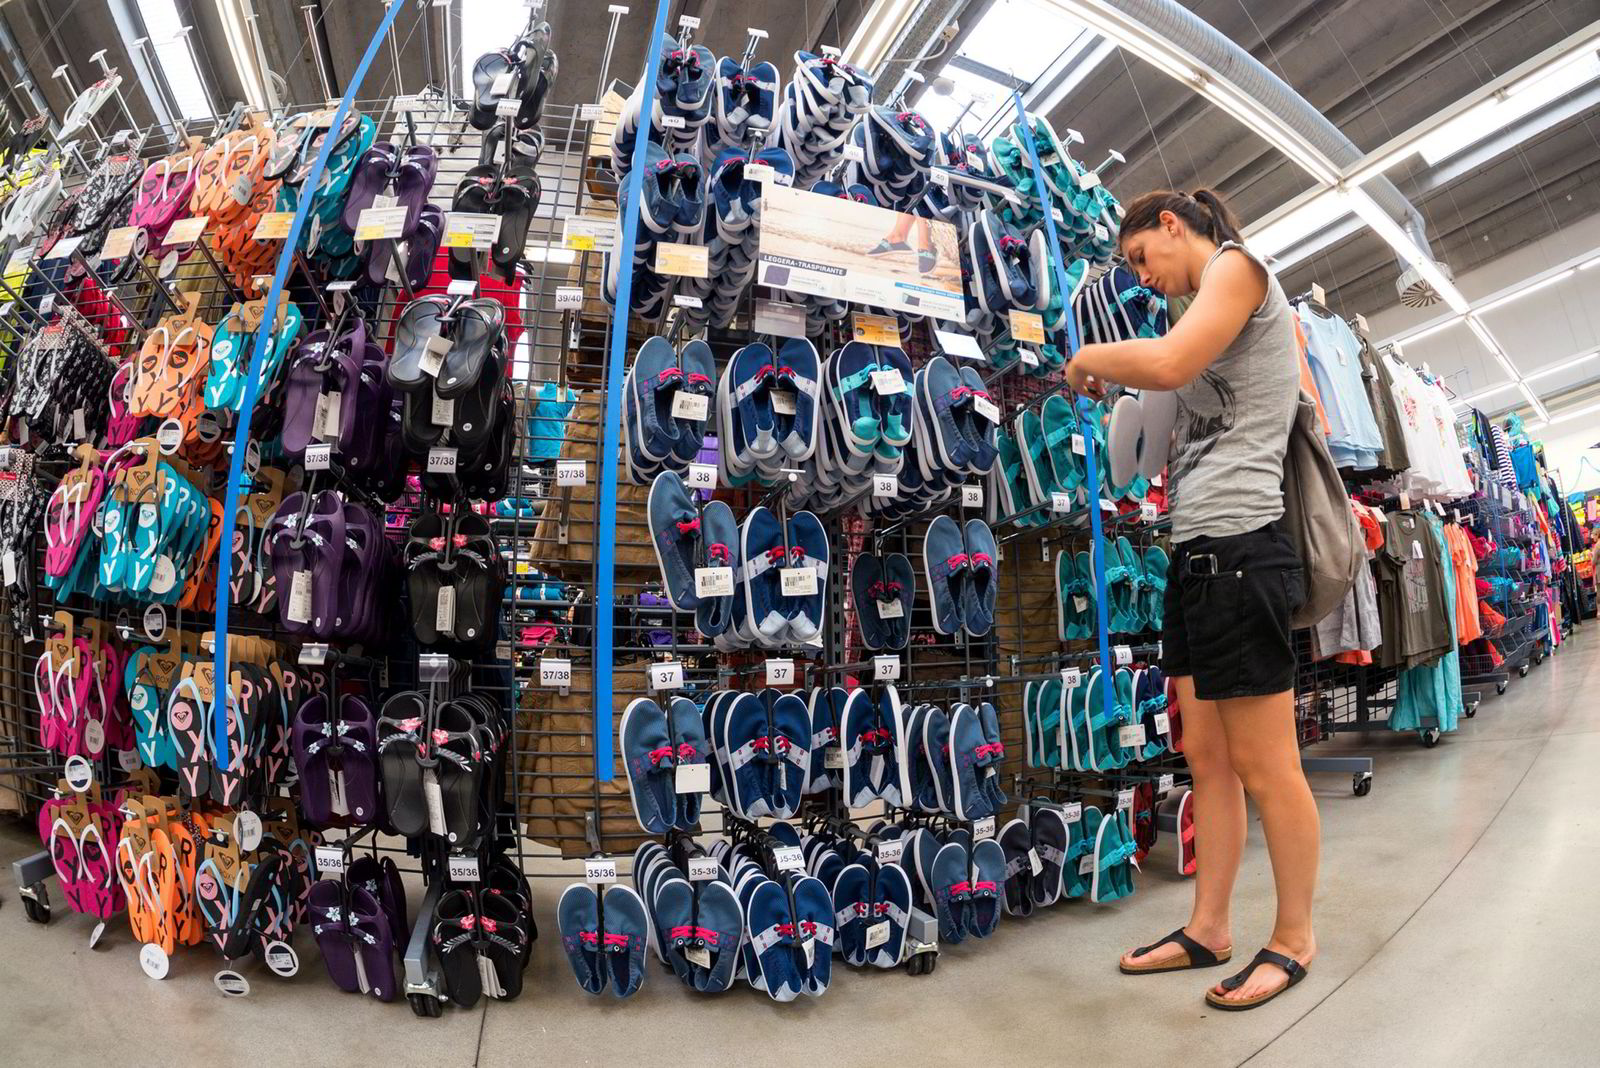 Verdens største sportskjede har etablert nettbutikk i Norge. Her fra Decathlons butikk i Bologna i Italia.